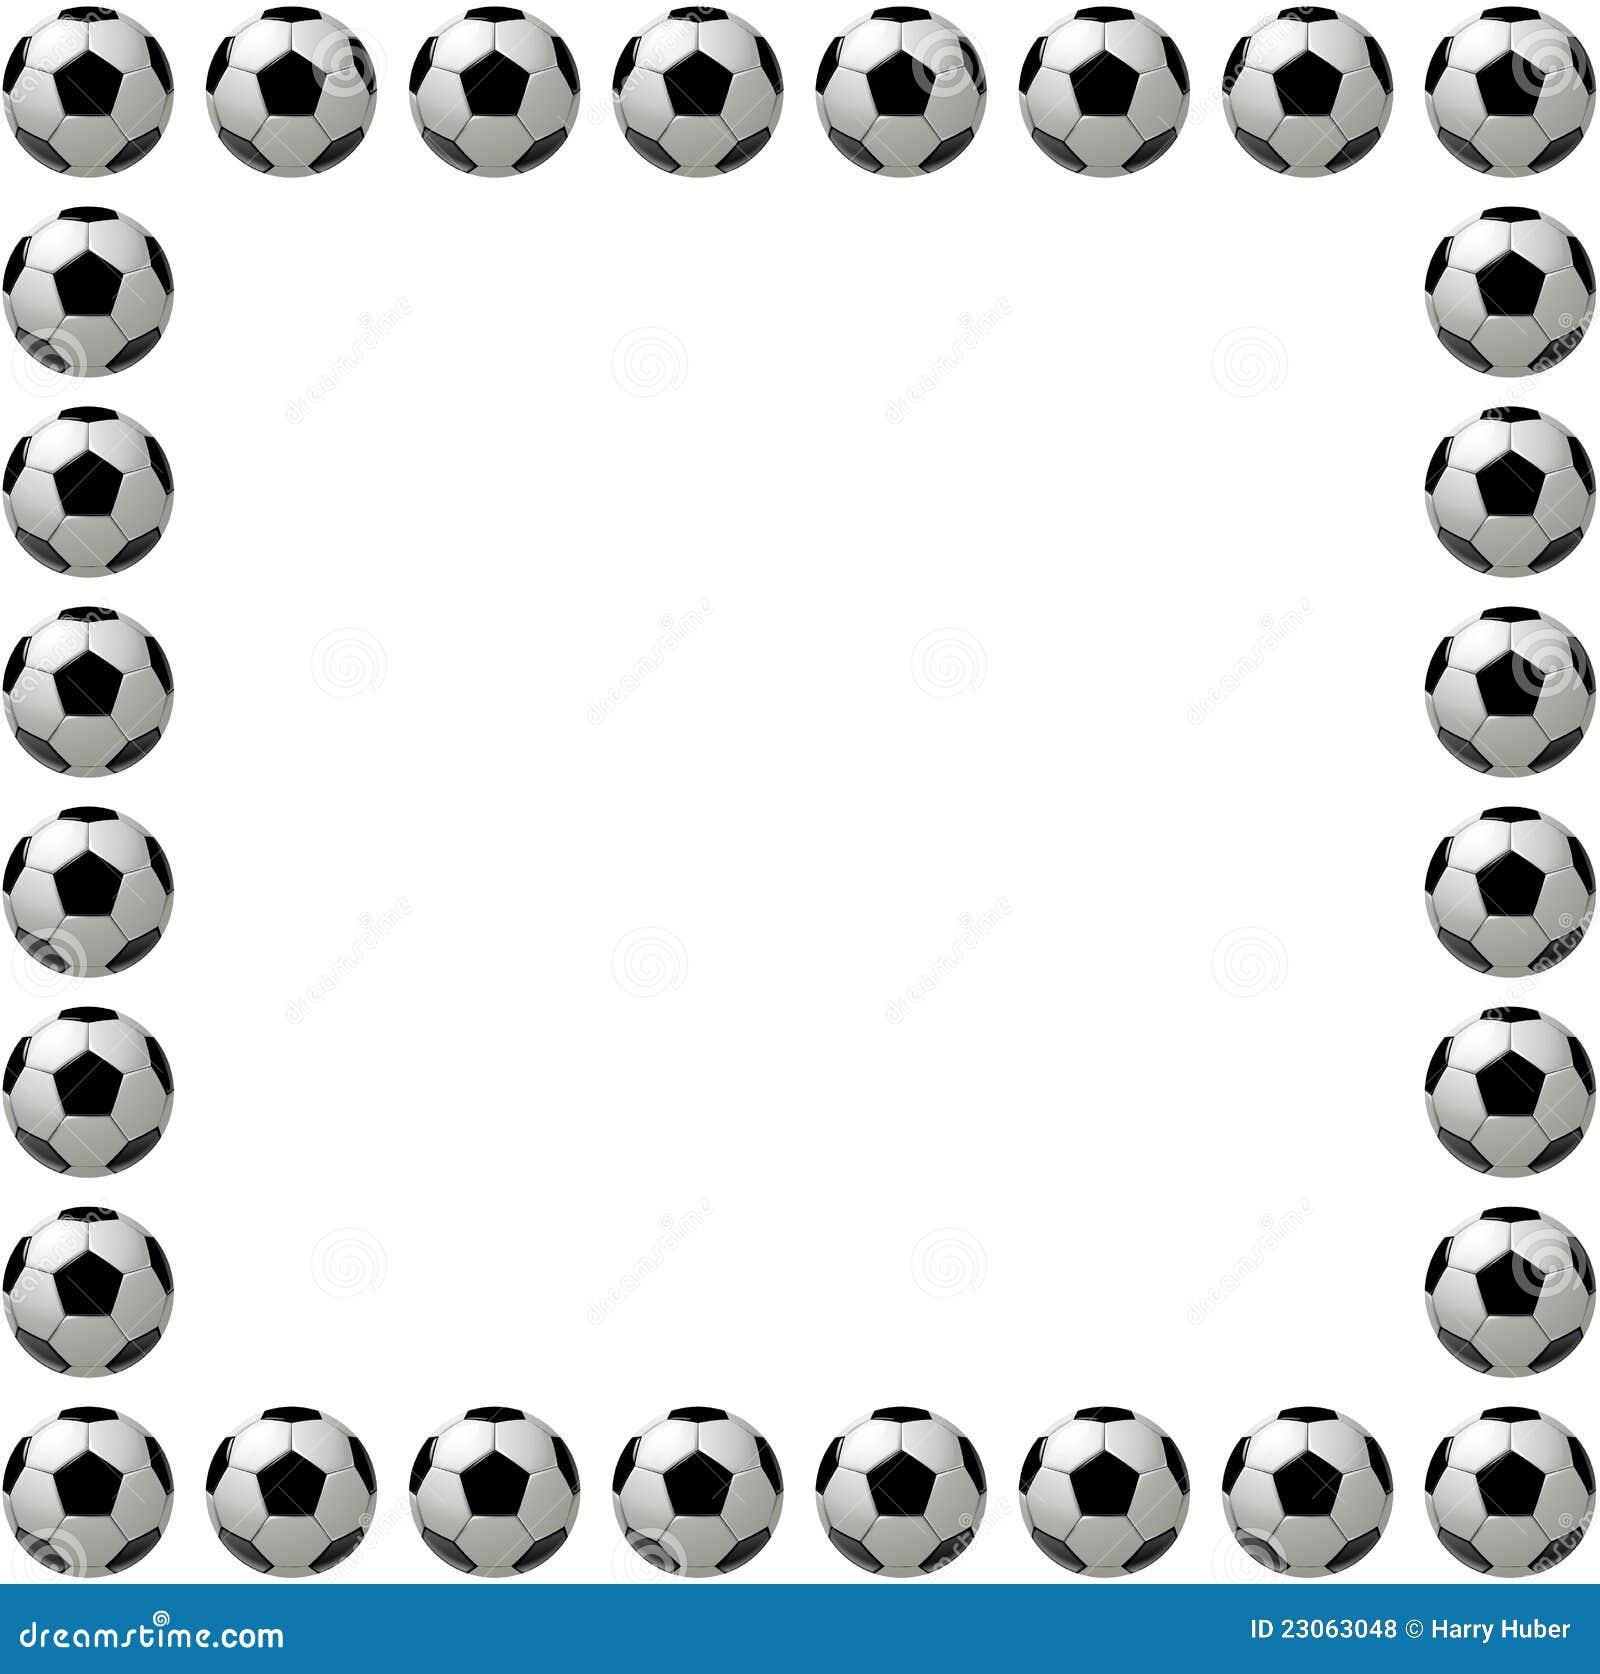 Square Soccer Ball Or Football Frame Stock Illustration ...